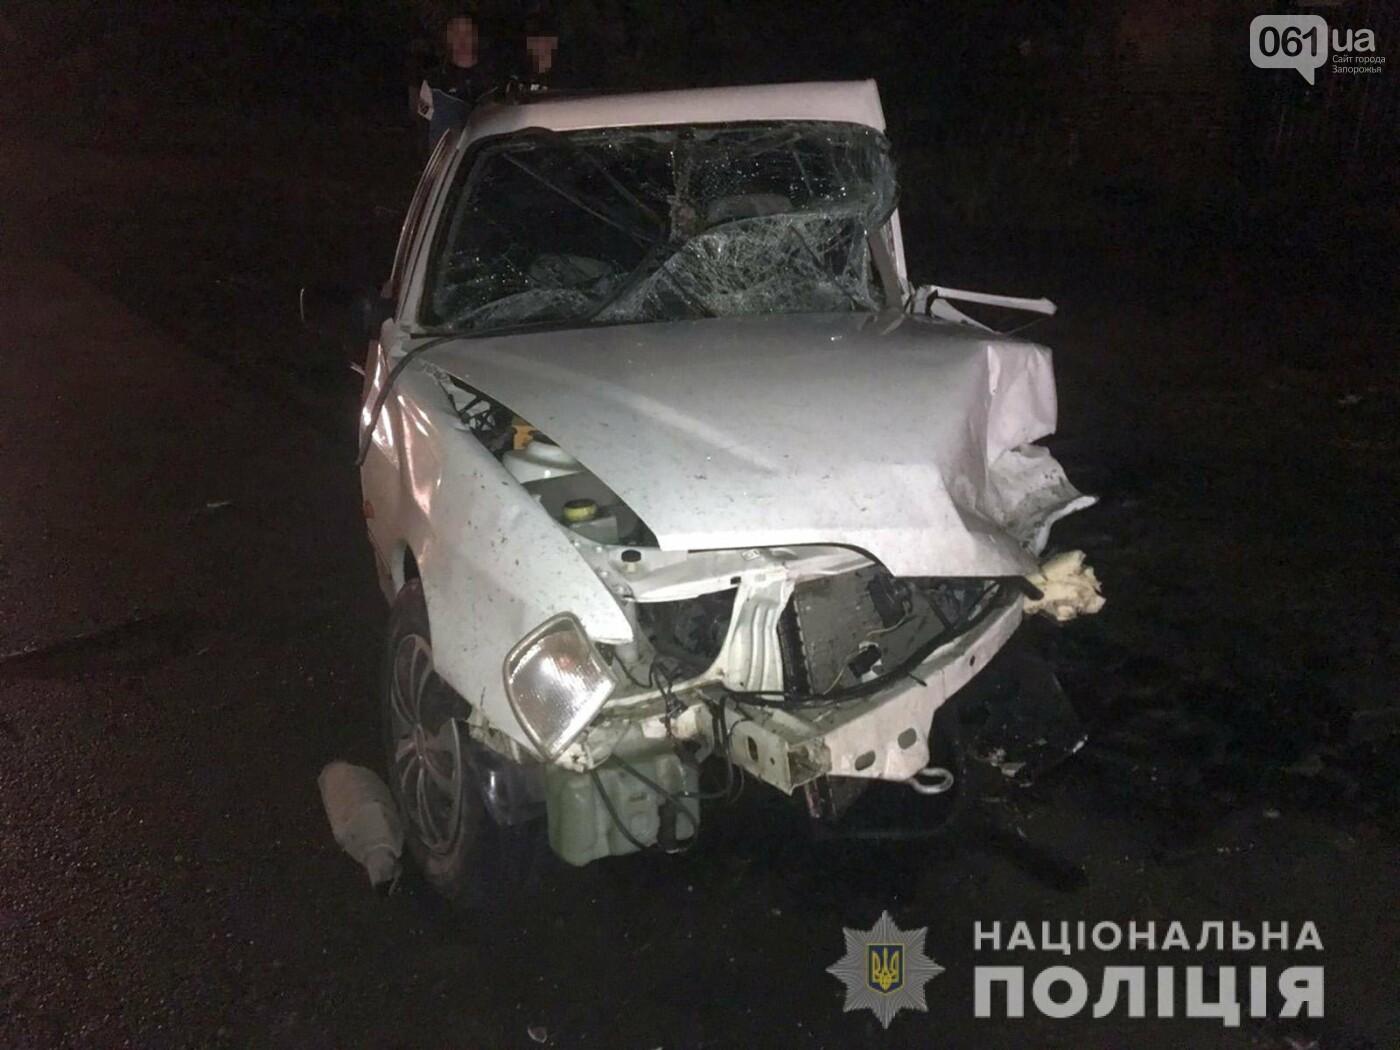 В Мелитополе в результате ДТП пострадали 3 человека, - ФОТО, фото-3